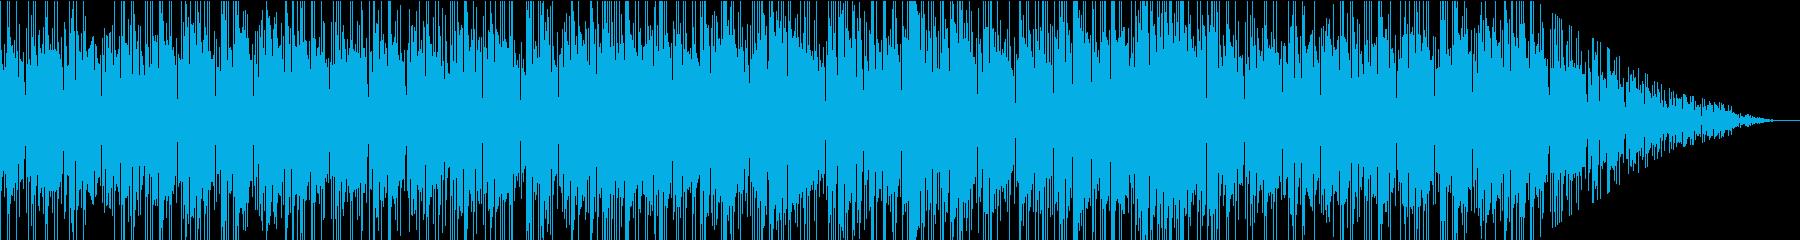 落ち着いたた雰囲気のお洒落なBGMの再生済みの波形